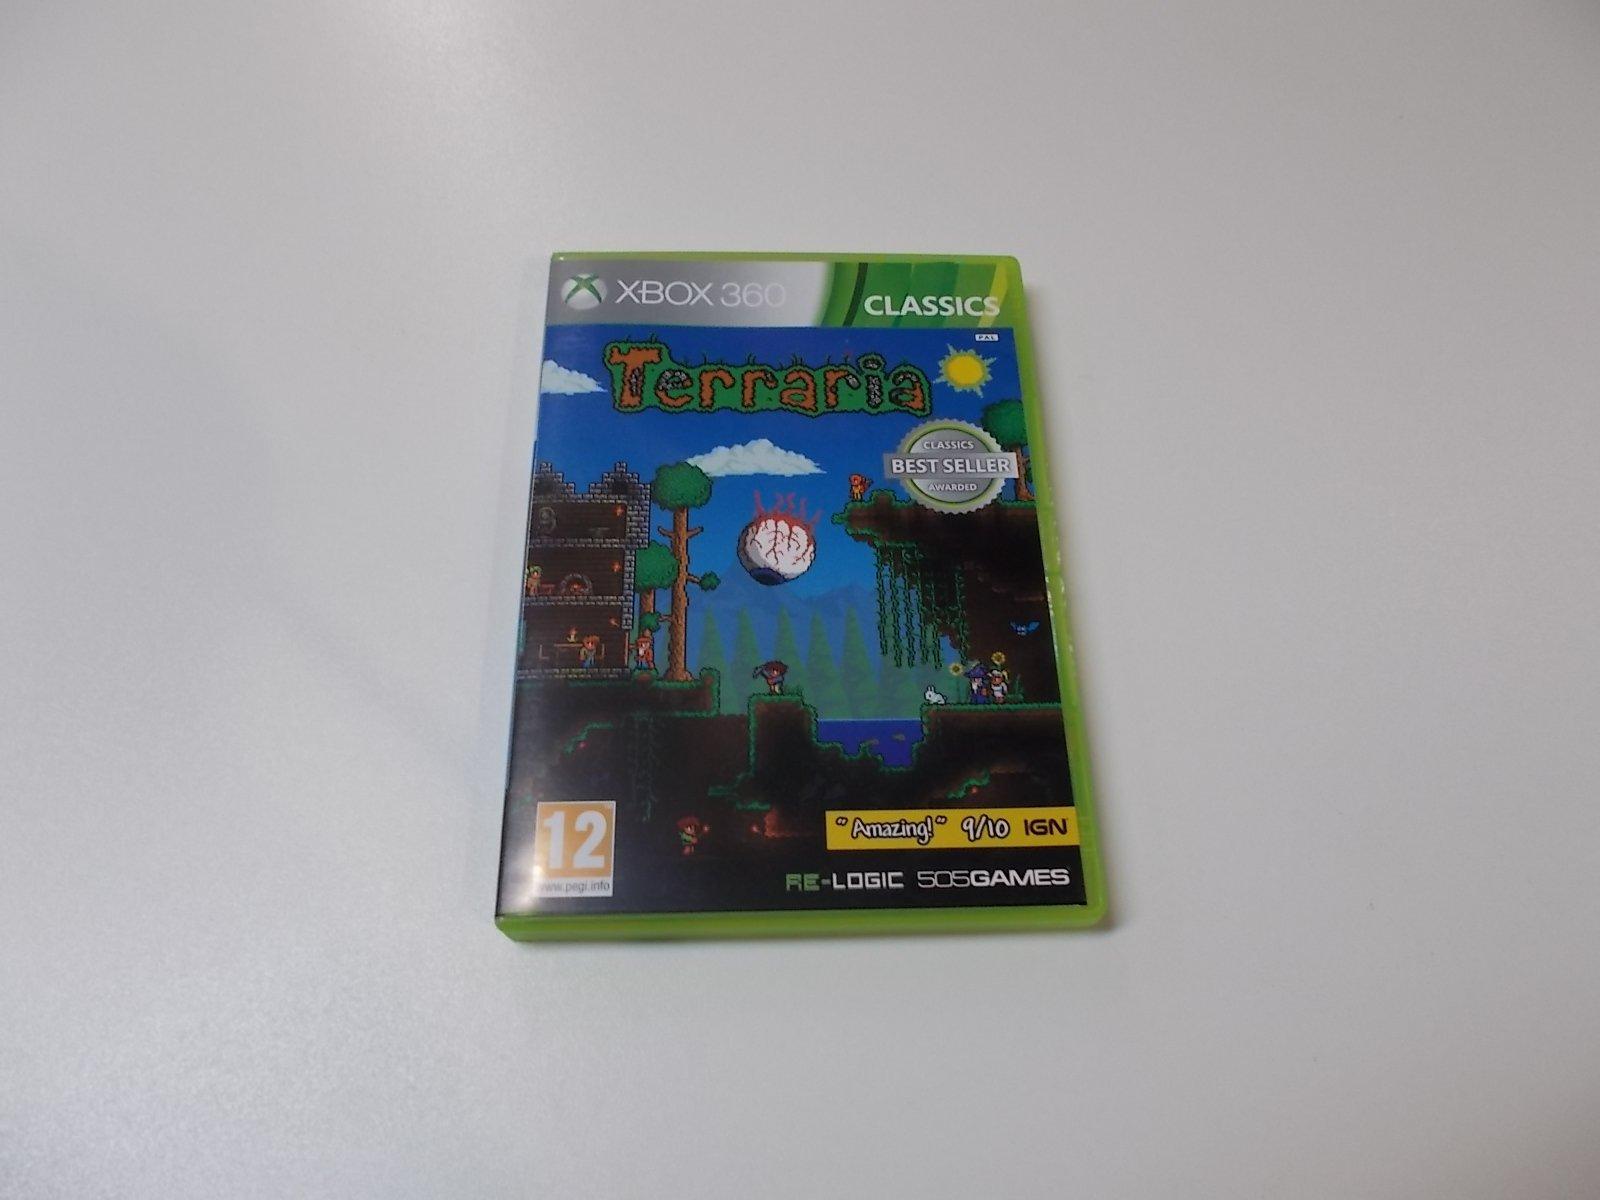 Terraria - GRA Xbox 360 - Opole 0486